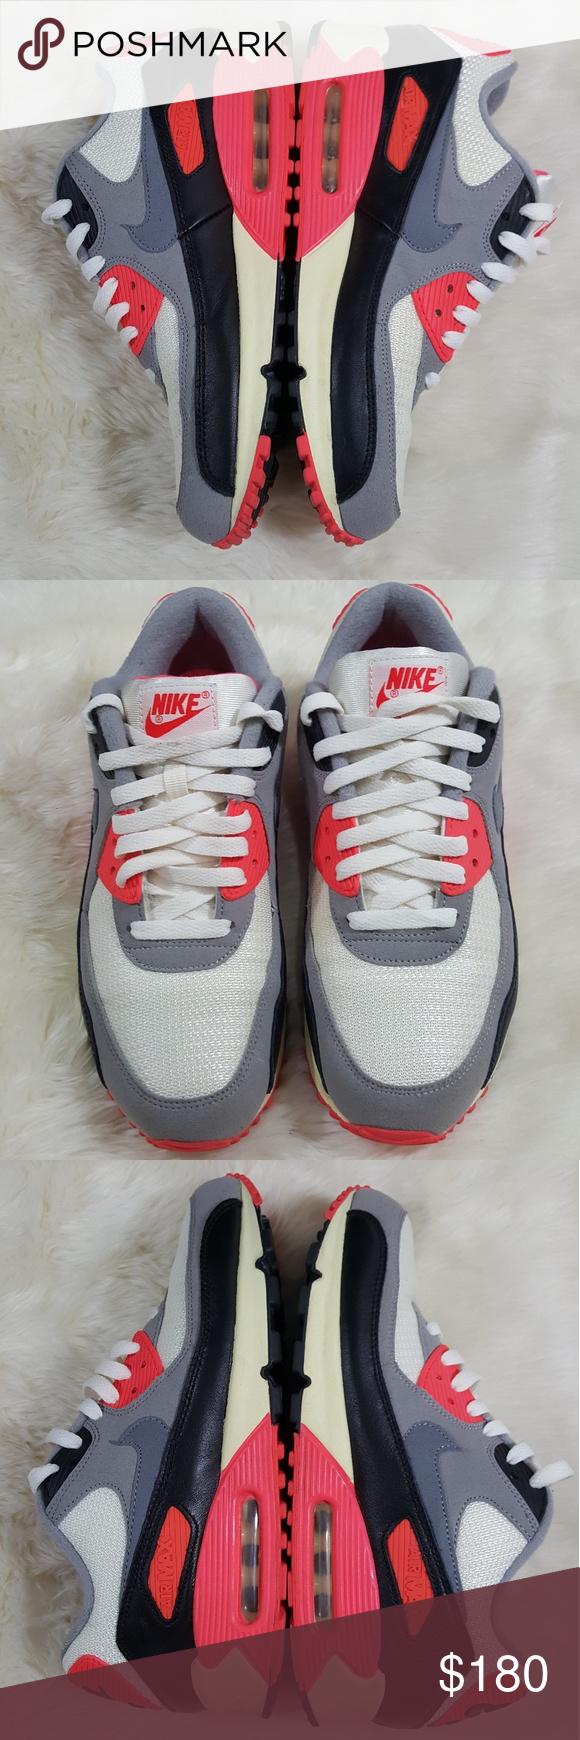 40a9ae87 RARE** Nike air max 90